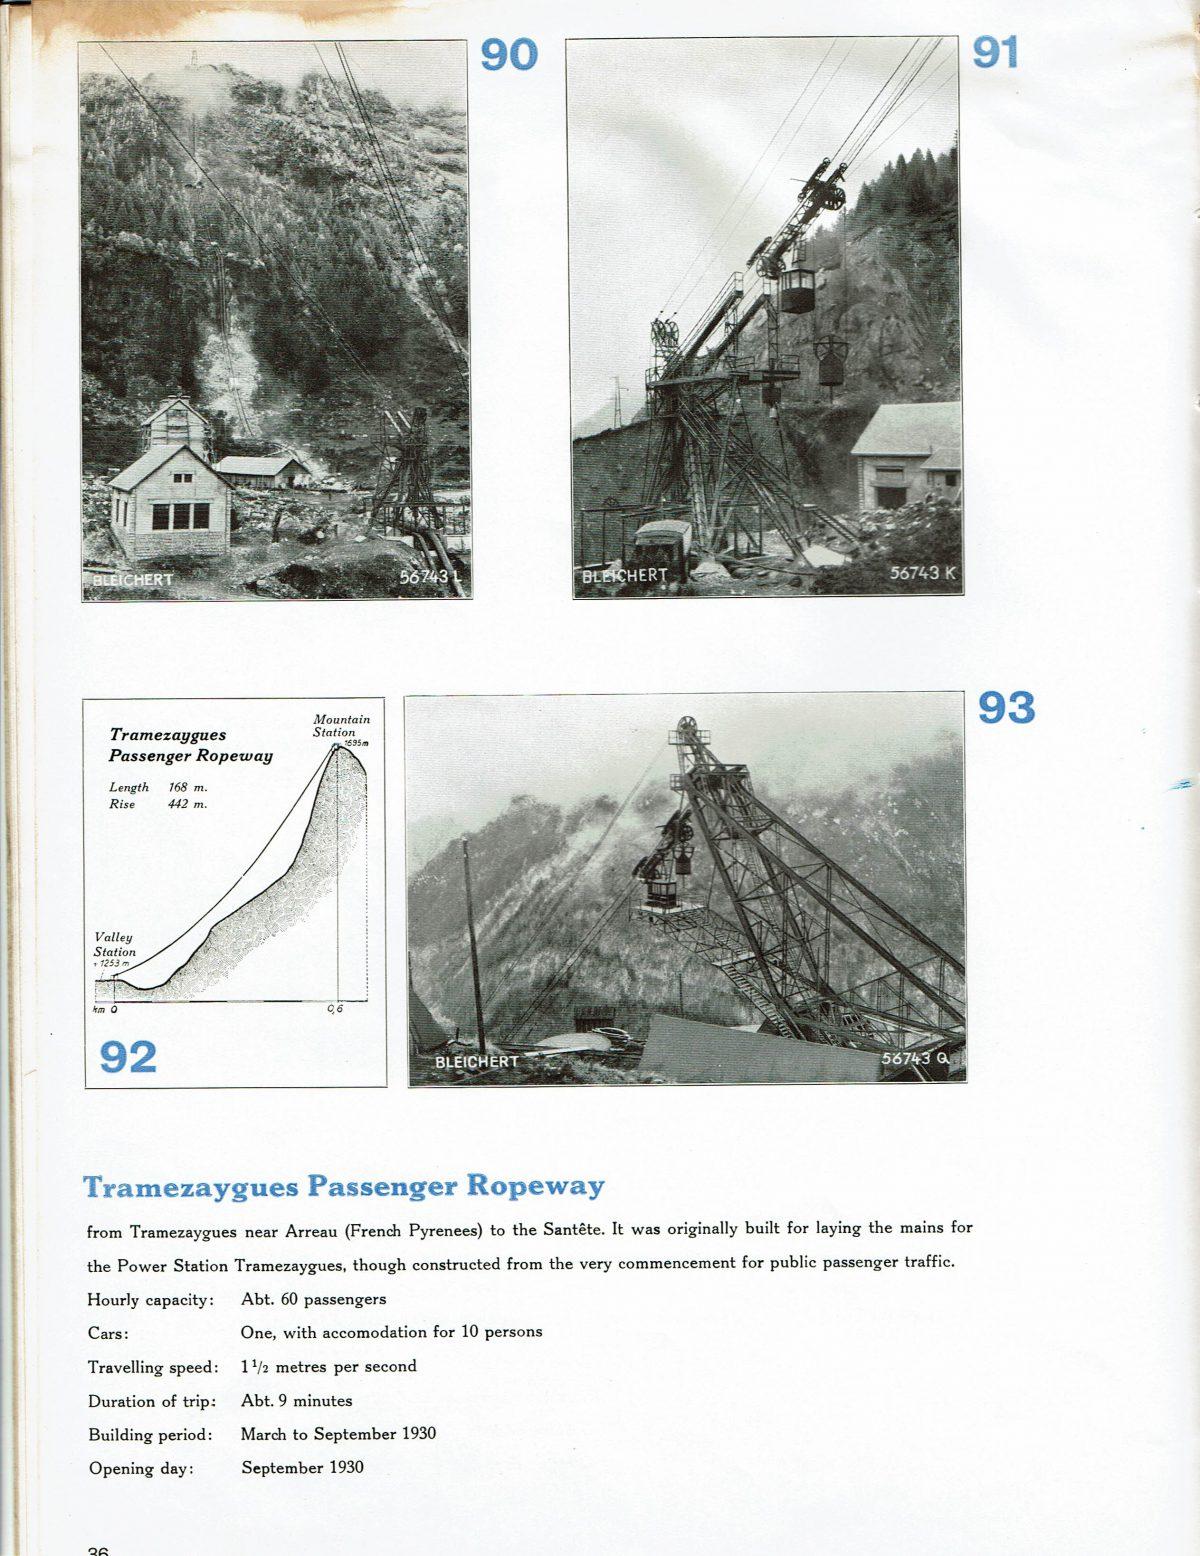 23_Bleichert Tramezaygues (FRA) (90-91-92-93)